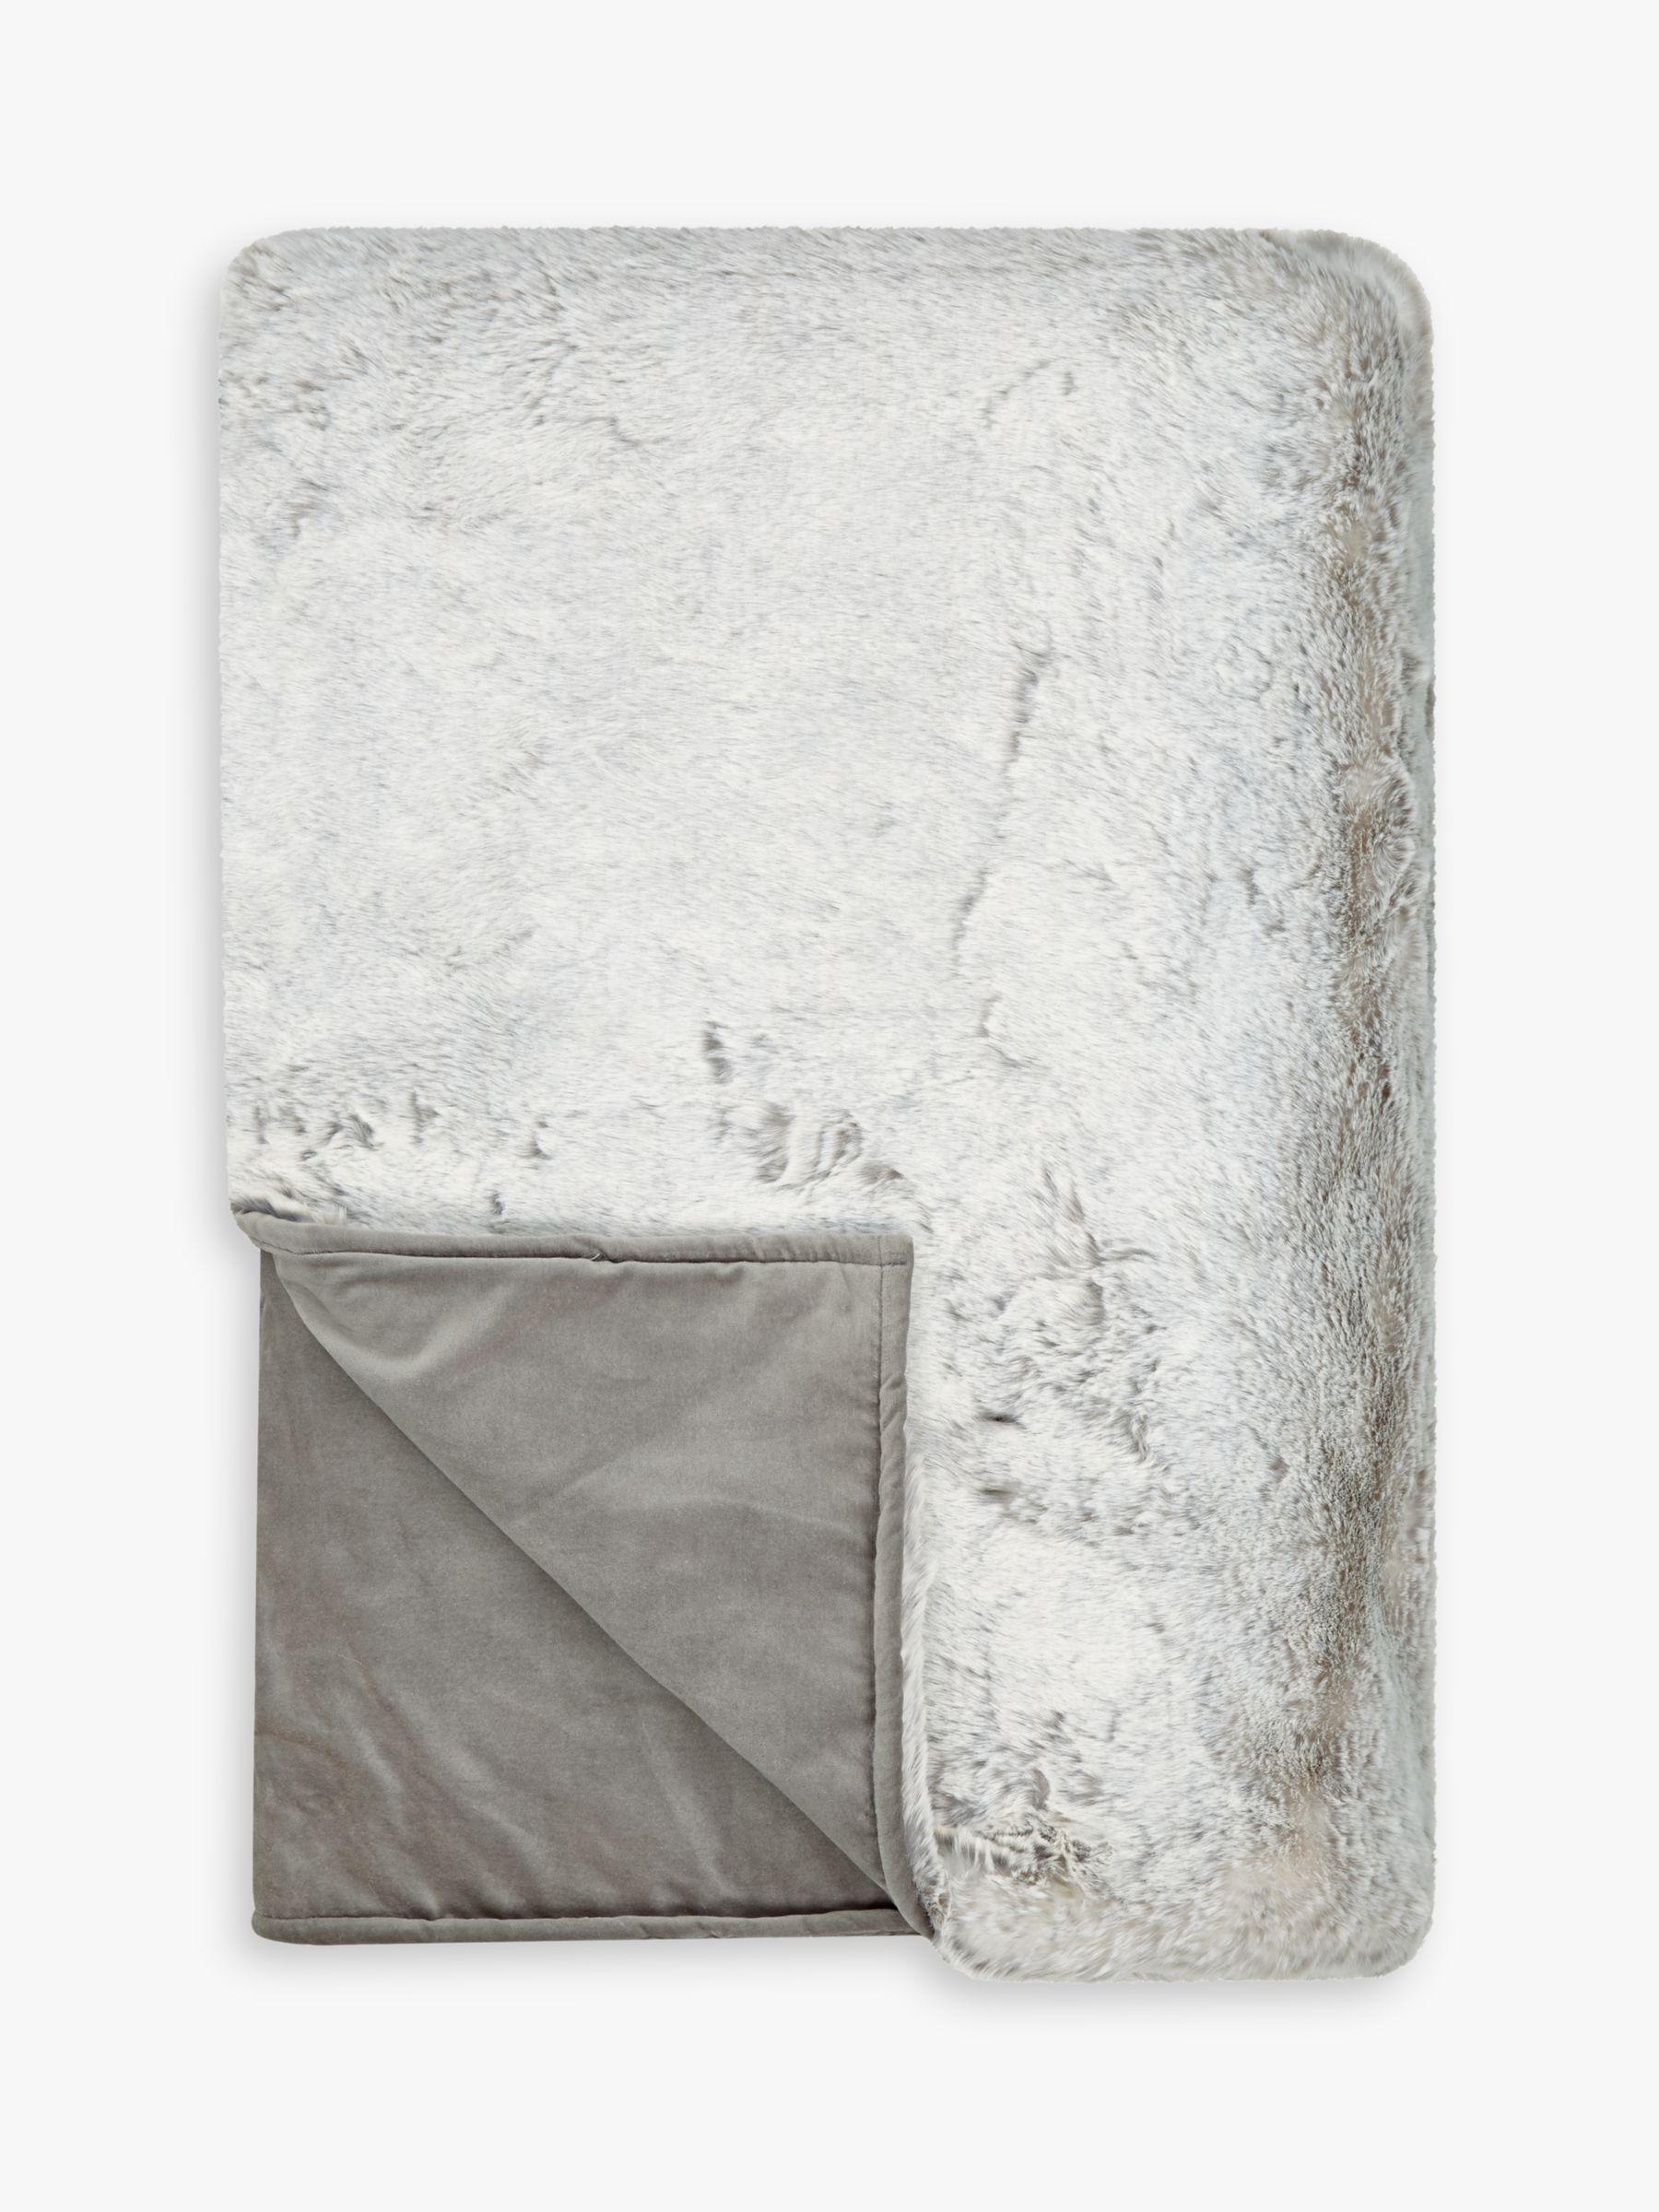 Helene Berman Helene Berman Frost Faux Fur Throw, Silver / White